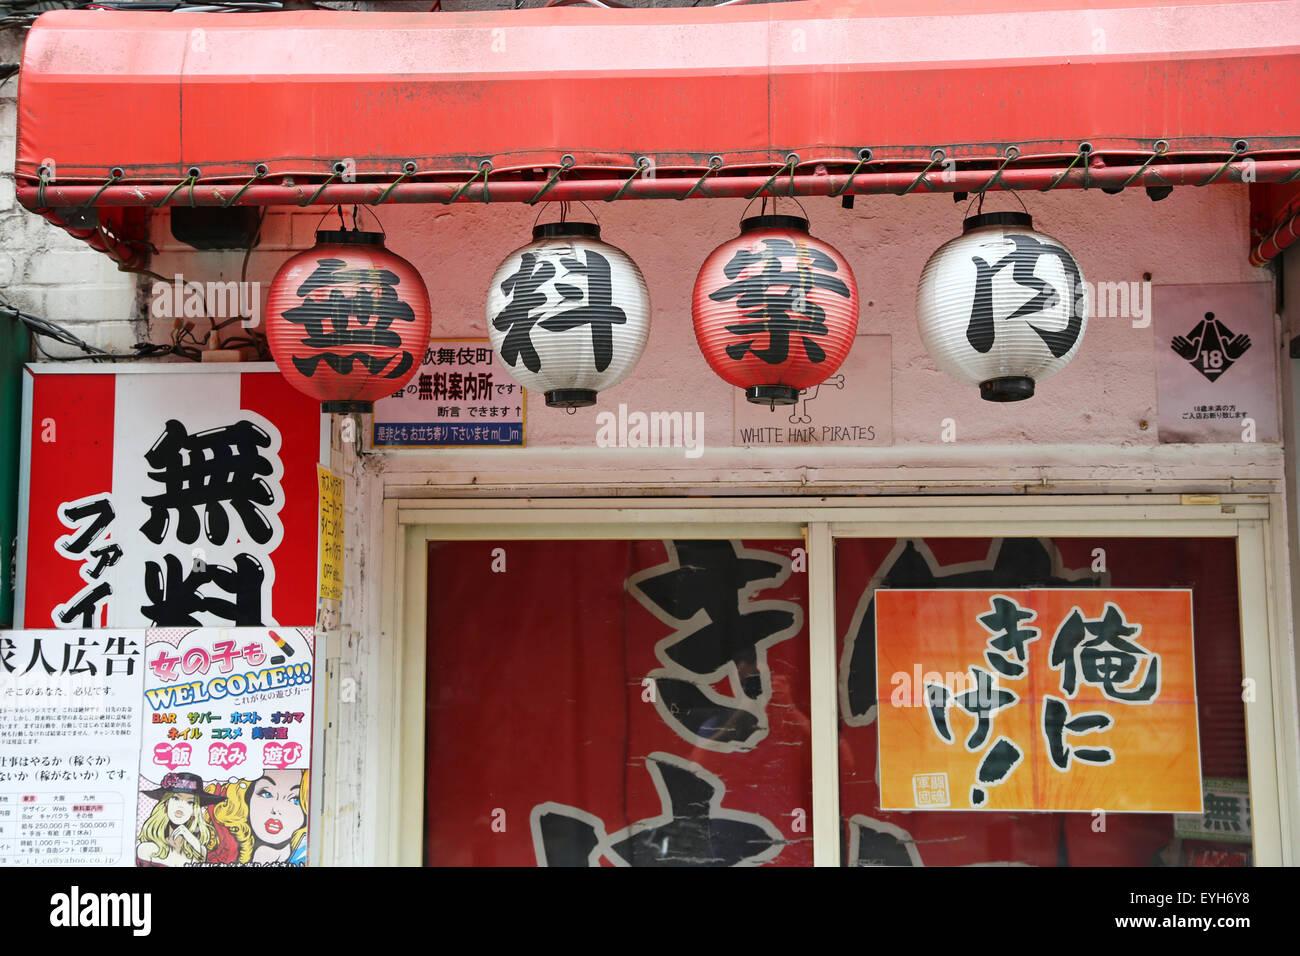 Japanese lanterns in Shinjuku, Tokyo, Japan - Stock Image